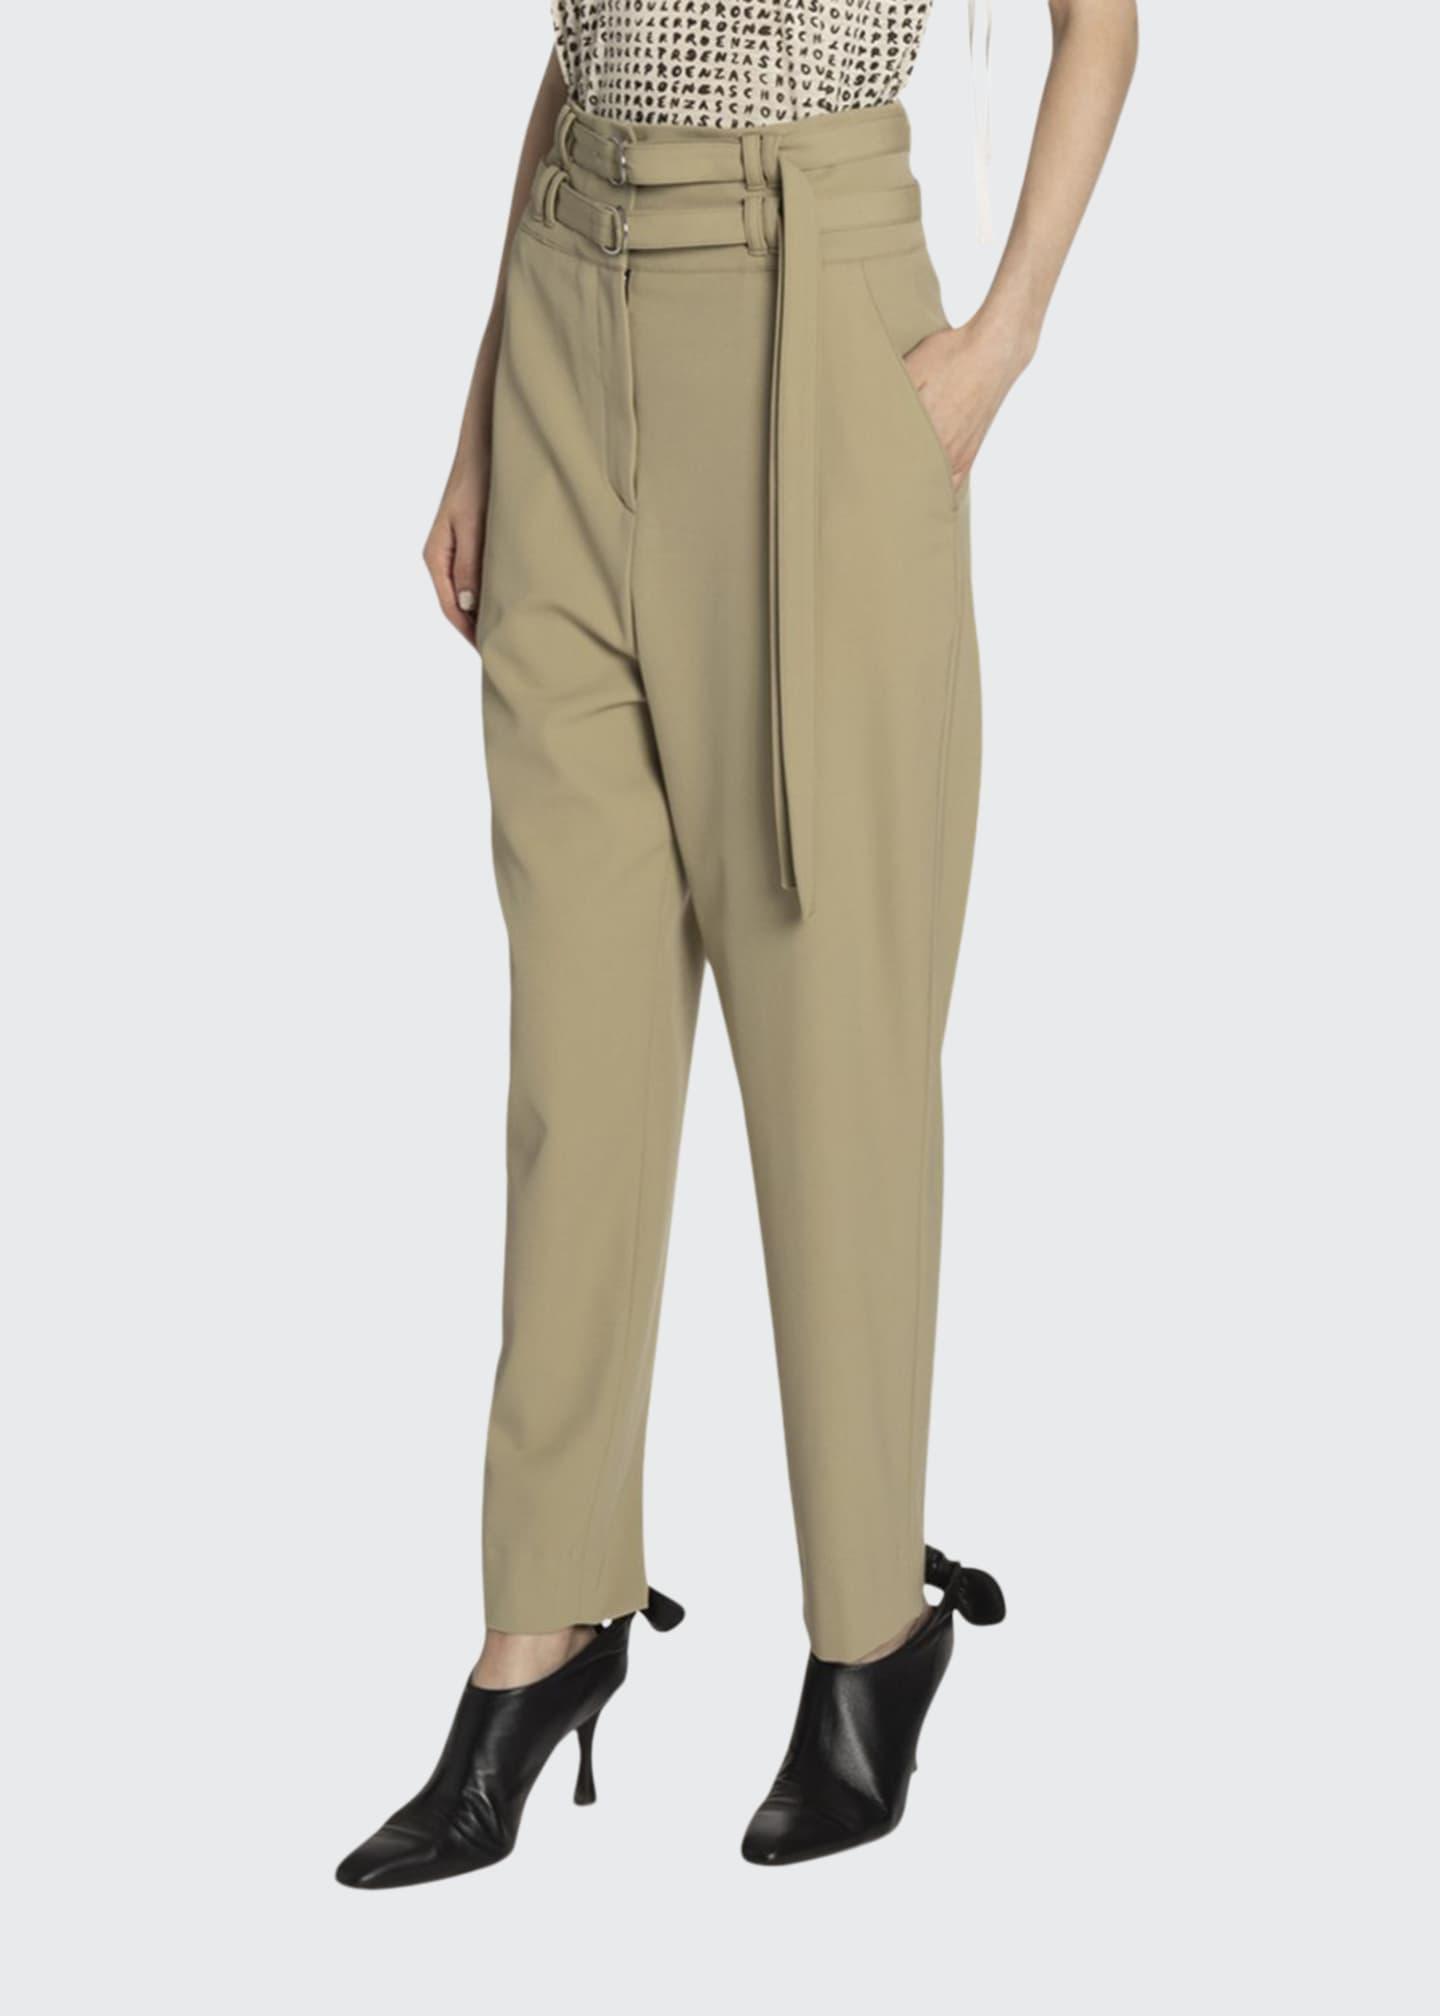 Proenza Schouler Belted Wool High-Waist Pants